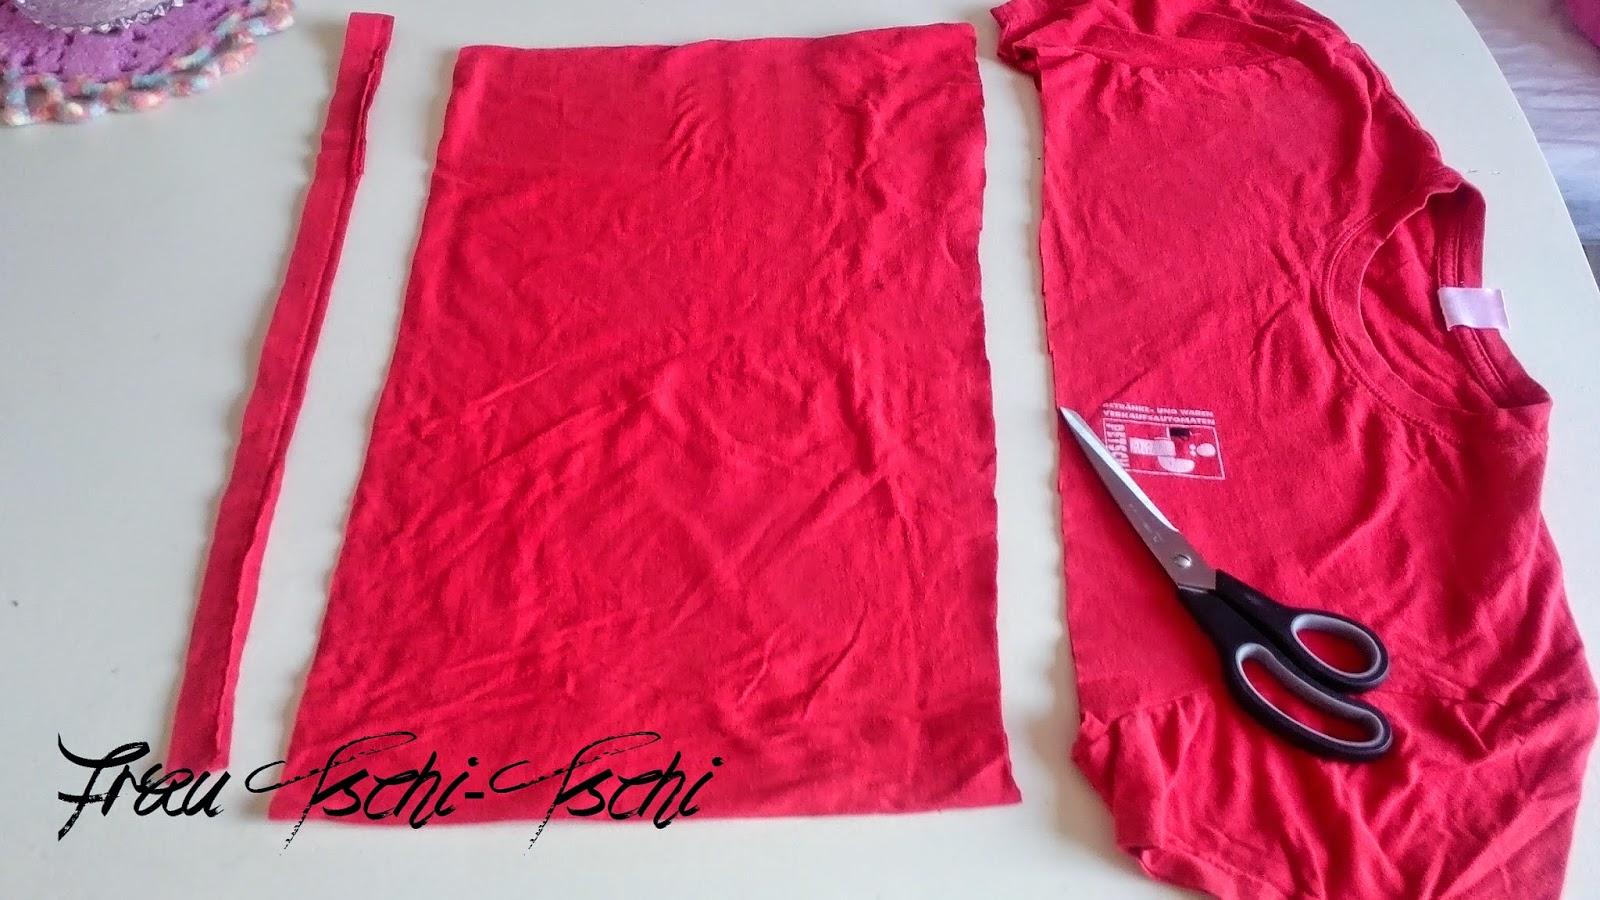 Frau Tschi Tschi T Shirt Schal Anleitung Upcycling